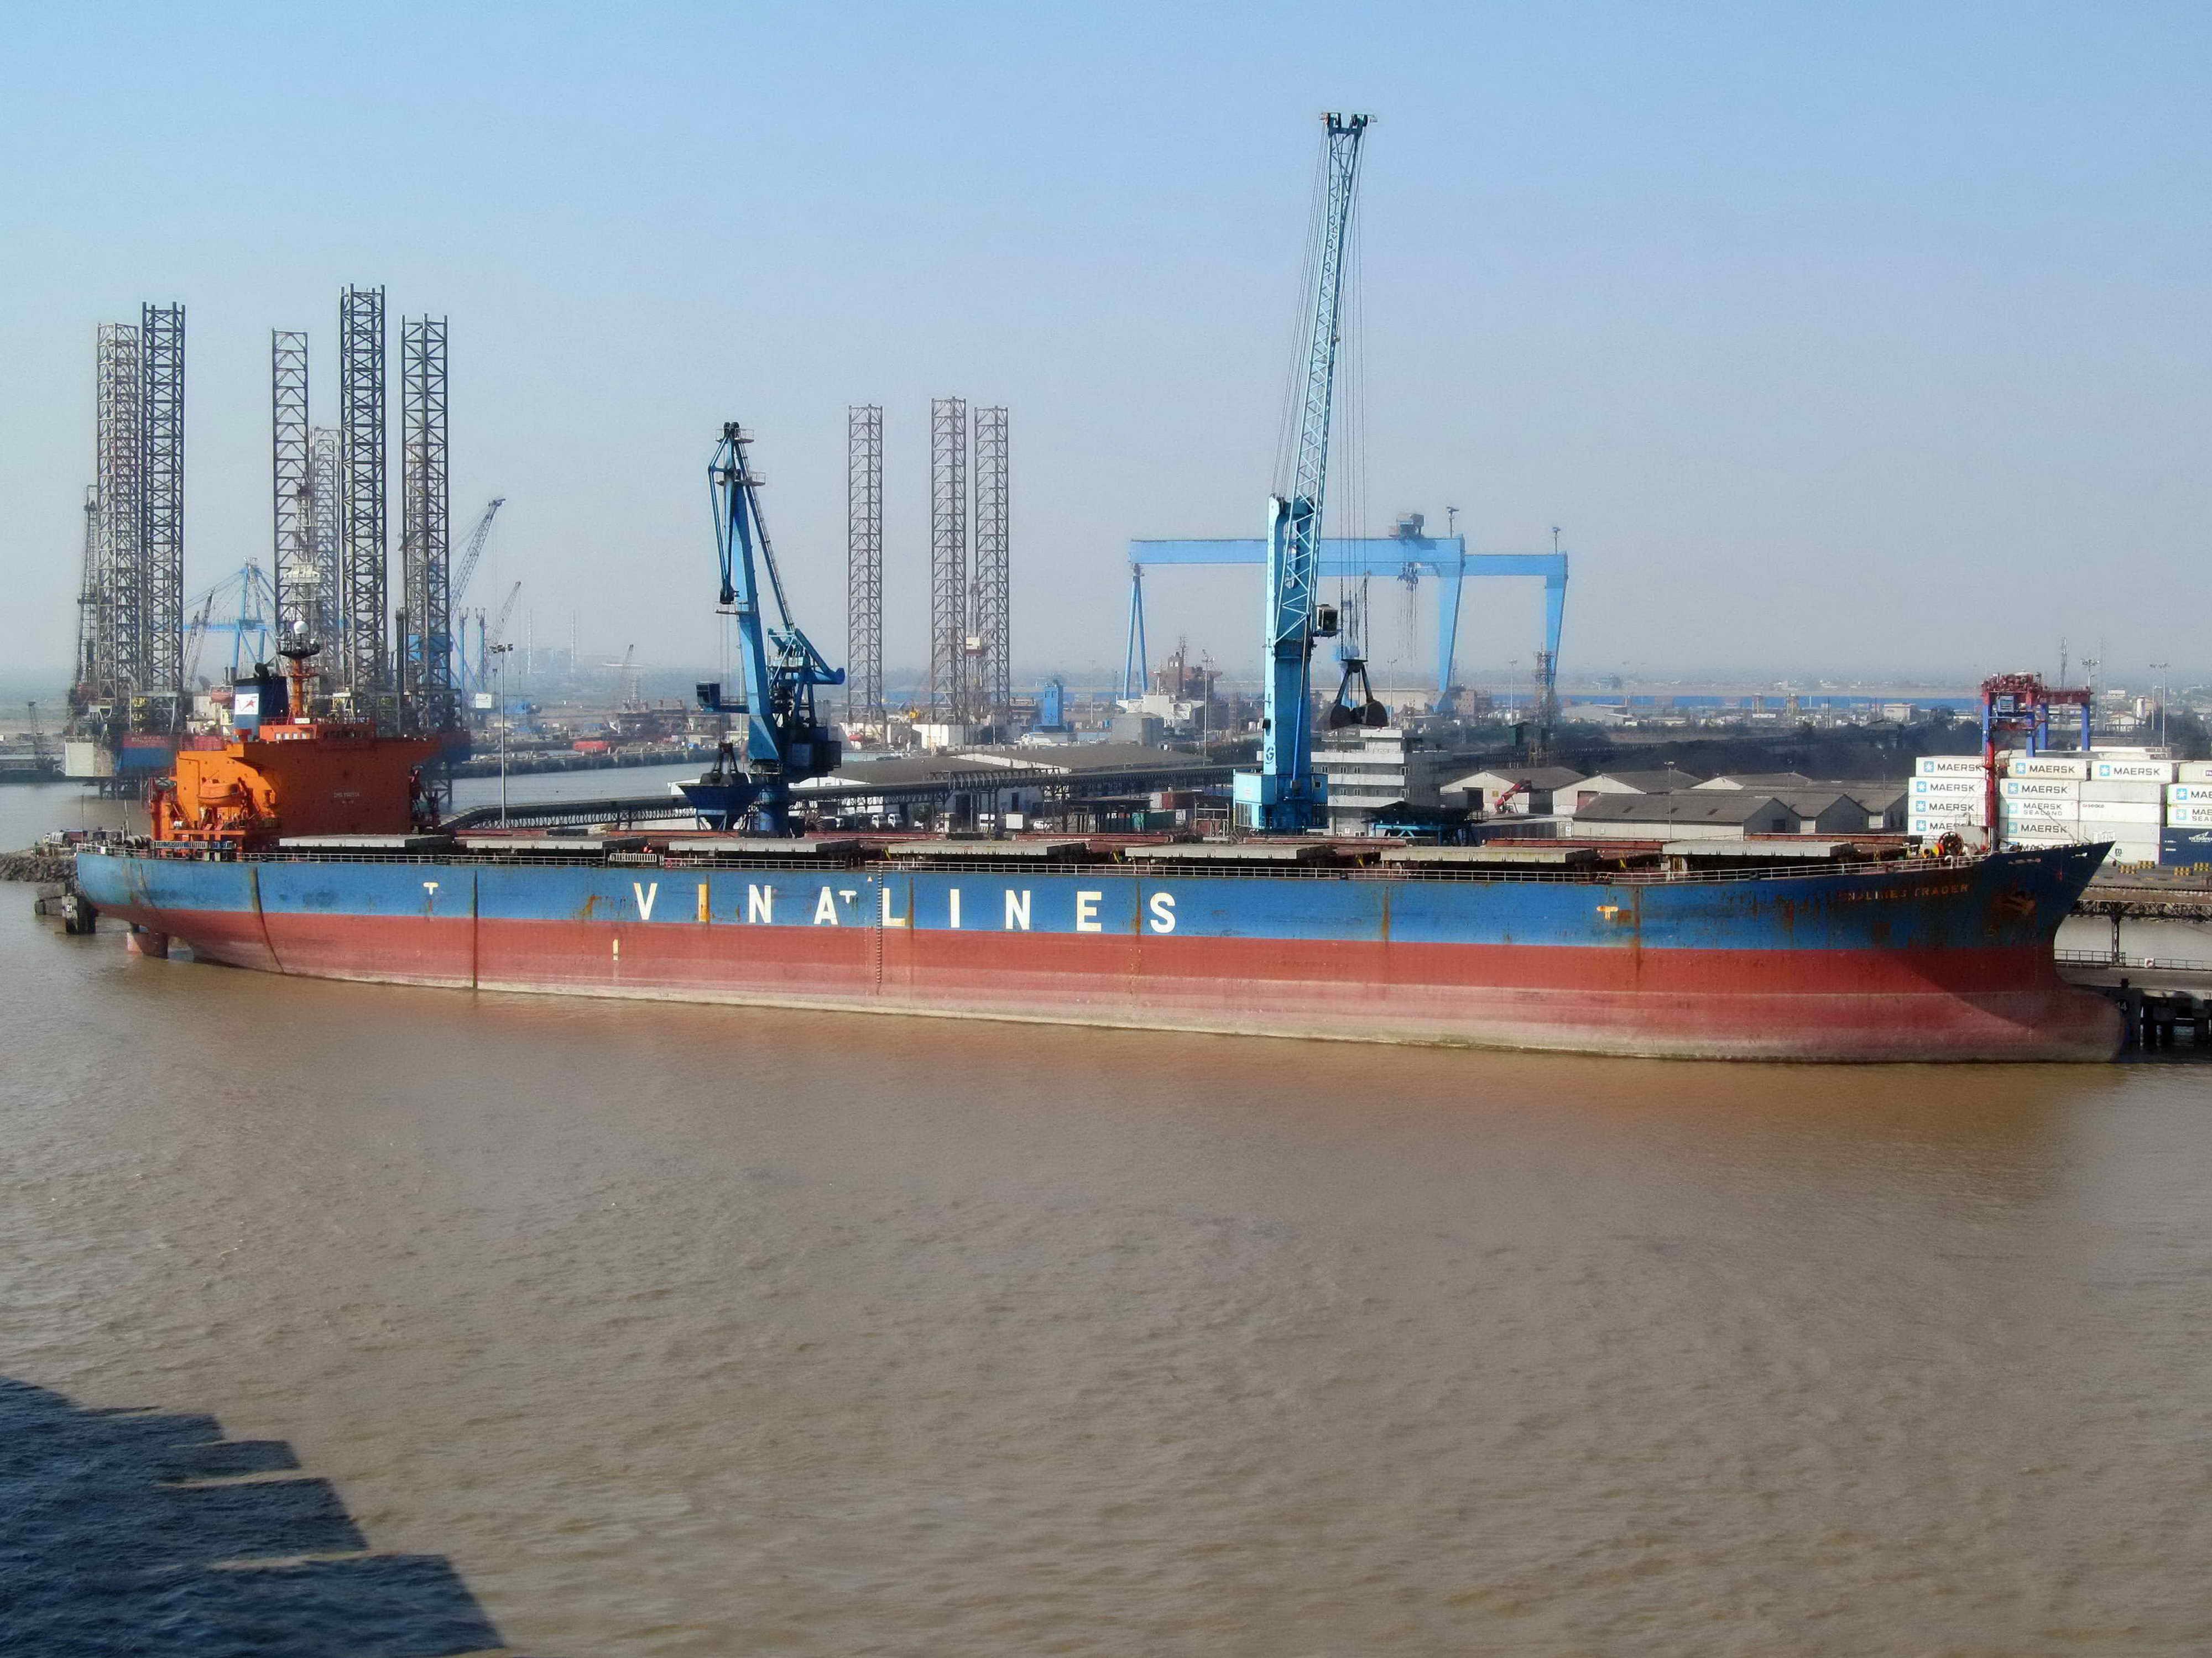 Bán đấu giá tàu Vinalines Trader: Vinalines hạ giá tàu cũ